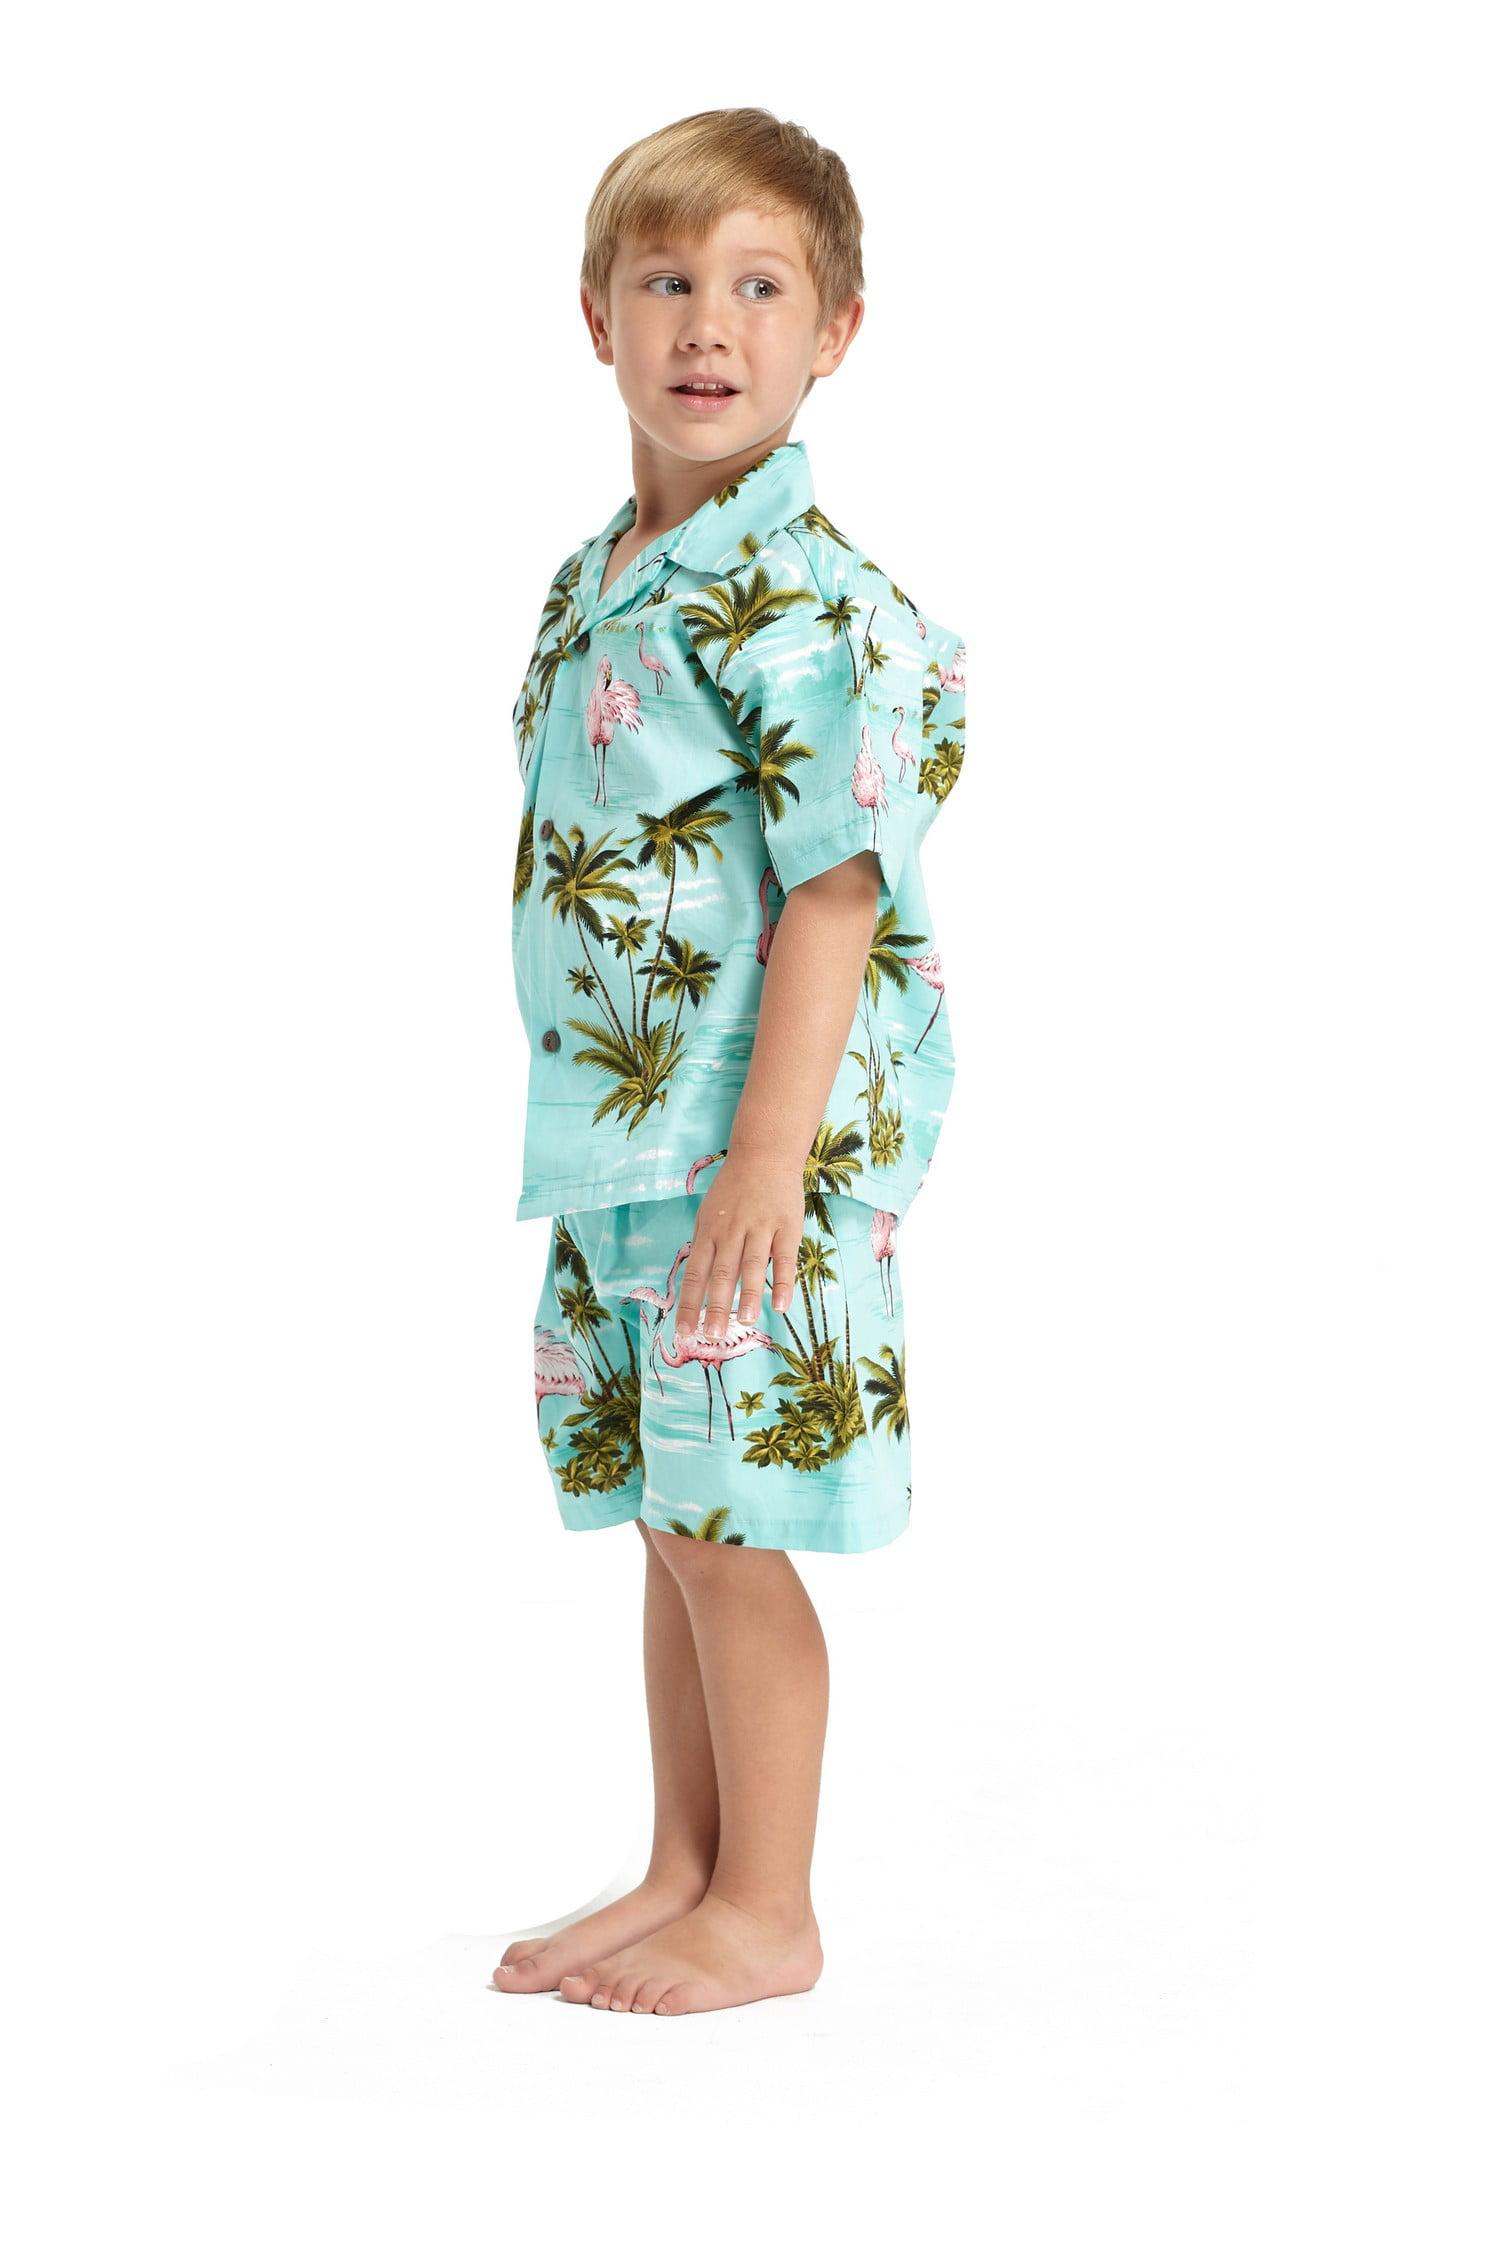 55ea5cd9 Hawaii Hangover - Made in Hawaii Boy Young Adult Luau Aloha Shirt Hawaiian  Shirt in Pink Flamingo All Over in Turquoise 16 - Walmart.com